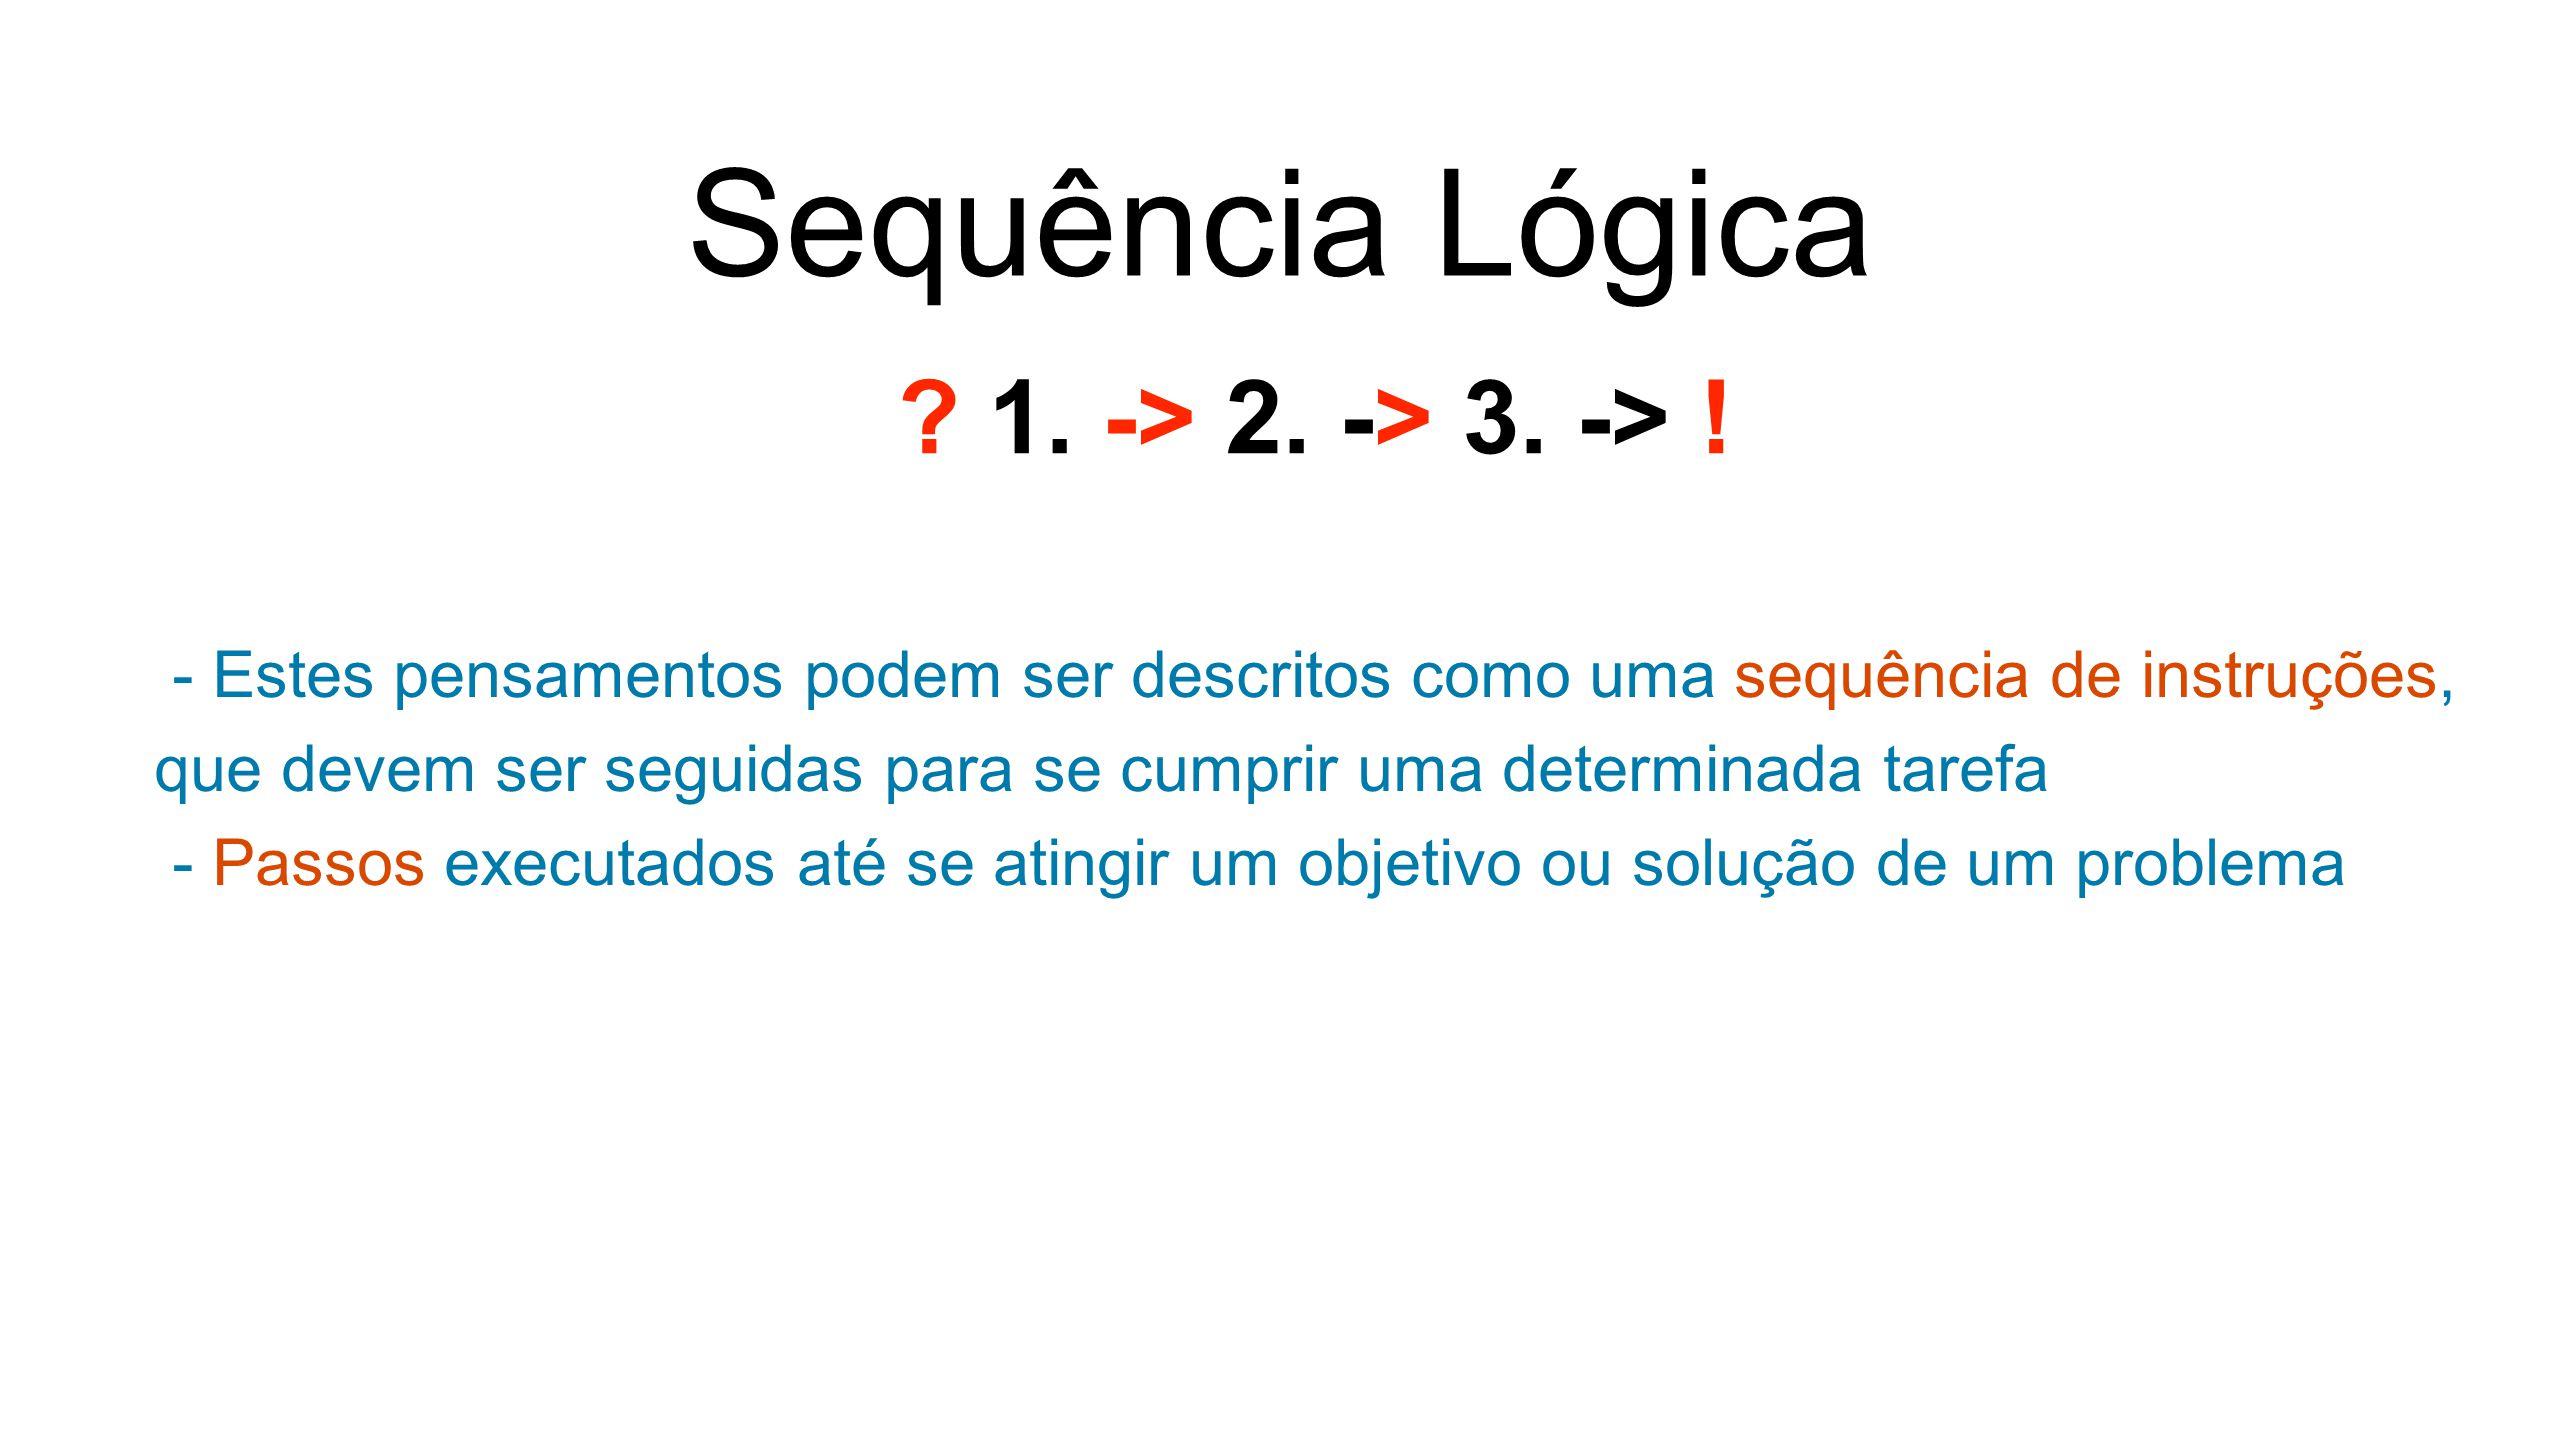 Sequência Lógica - Estes pensamentos podem ser descritos como uma sequência de instruções, que devem ser seguidas para se cumprir uma determinada tare